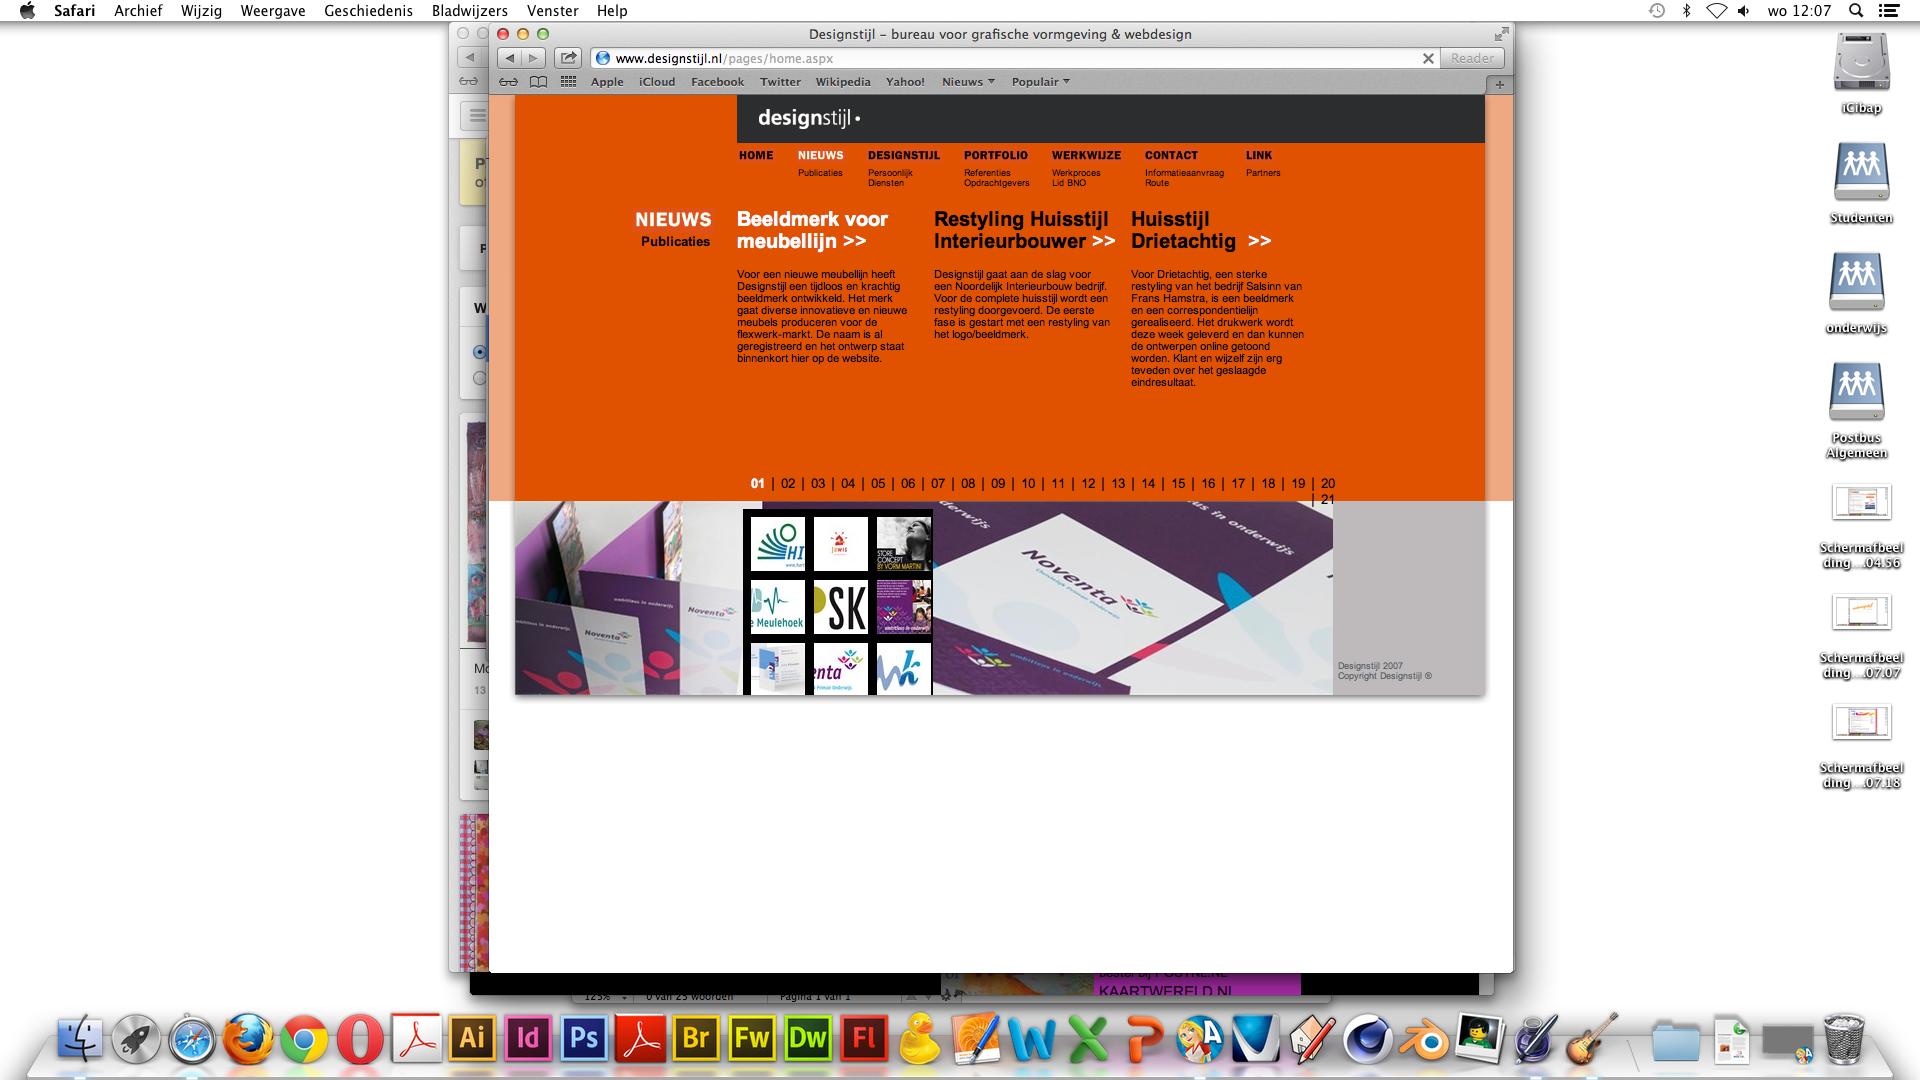 dit is een goede site omdat hij een mooi menu balk heeft en duidelijke kleuren heeft